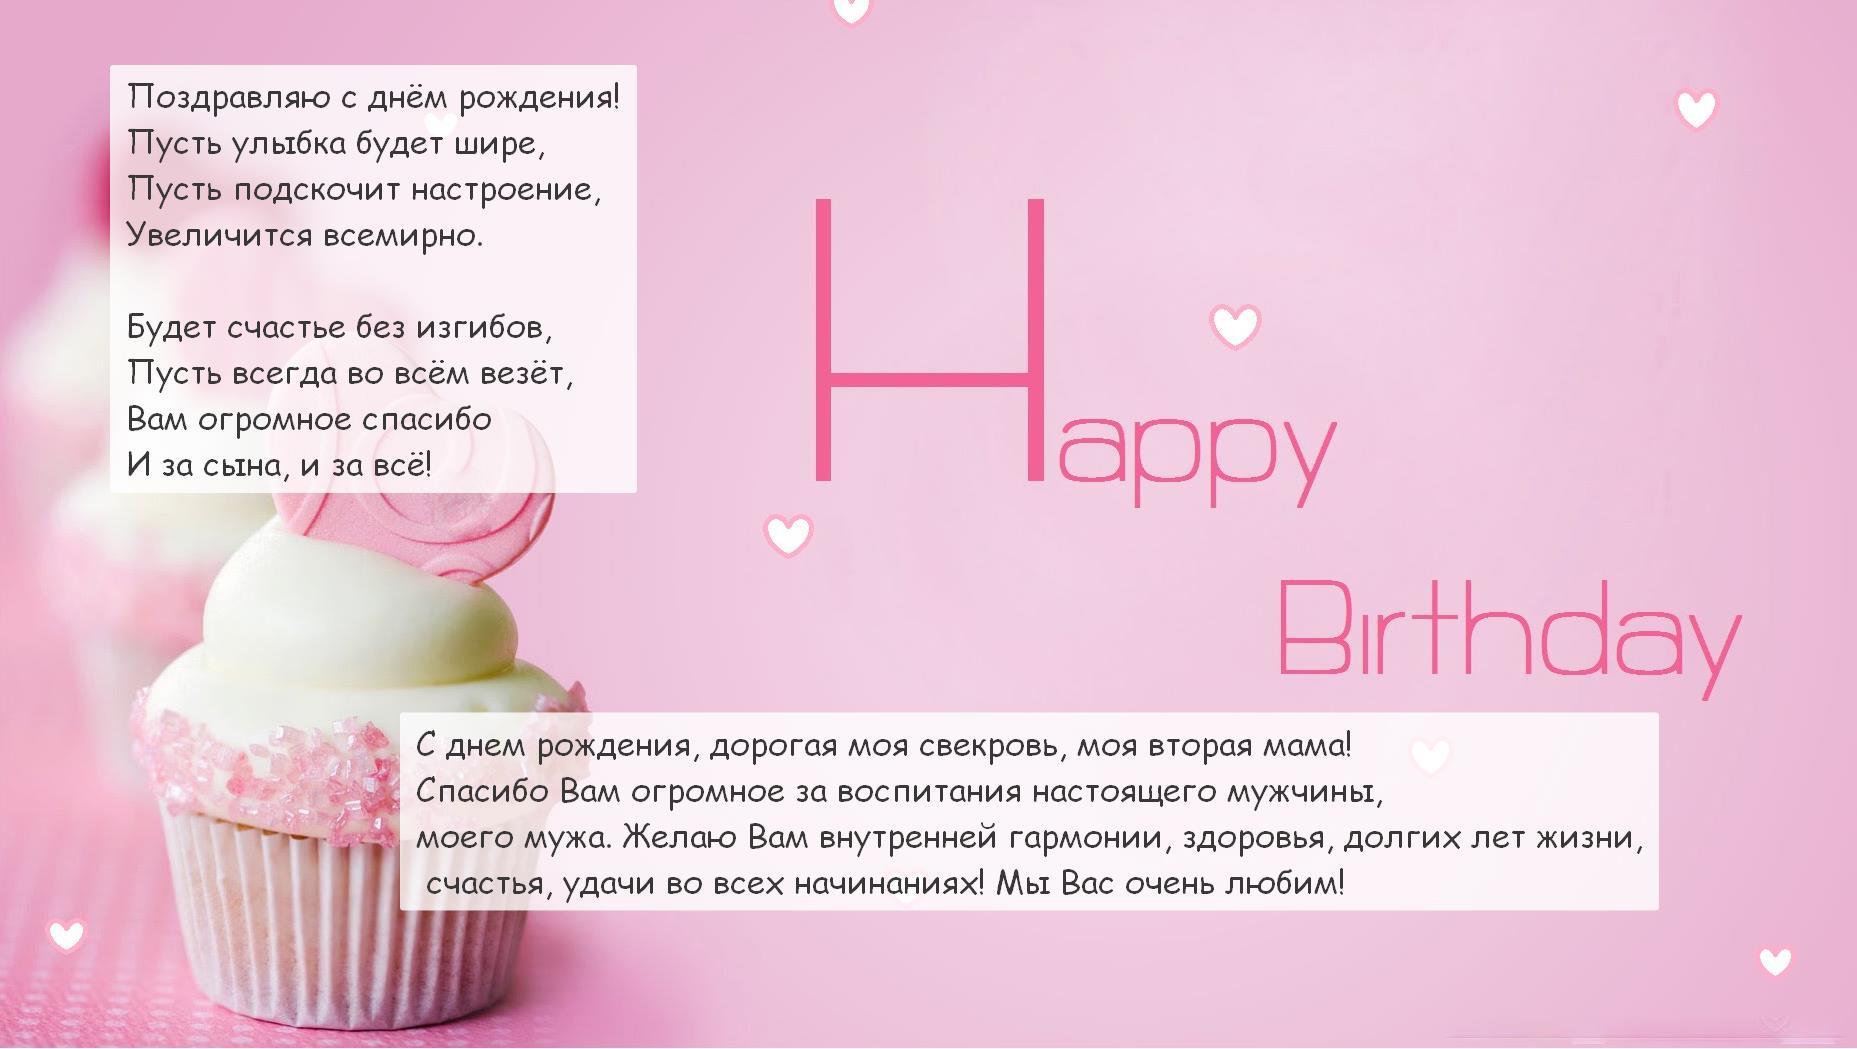 Поздравления с днем рождения зятю от тещи, тестя - Поздравок 26